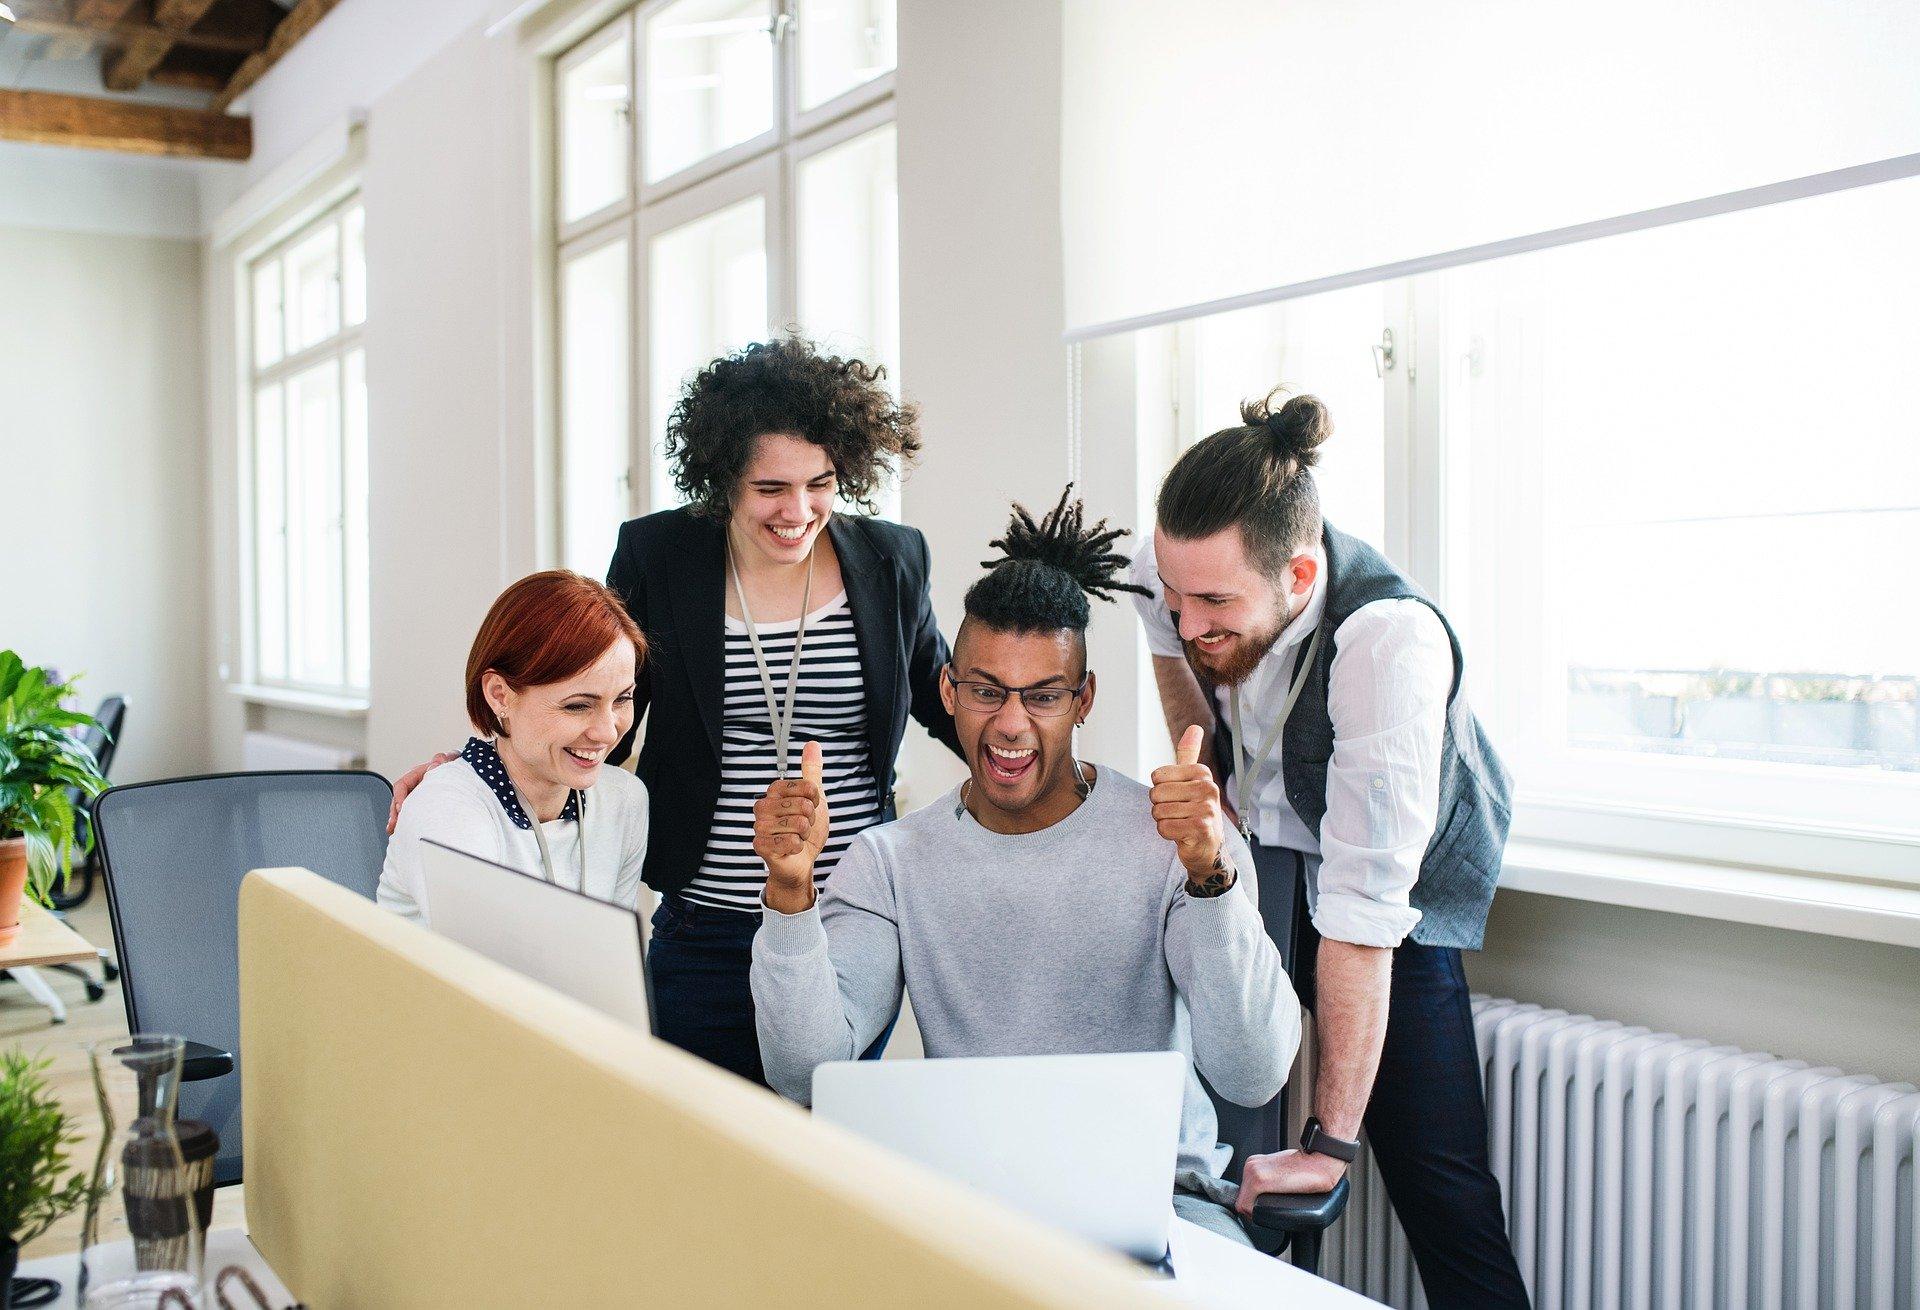 team-building-bonheur-au-travail